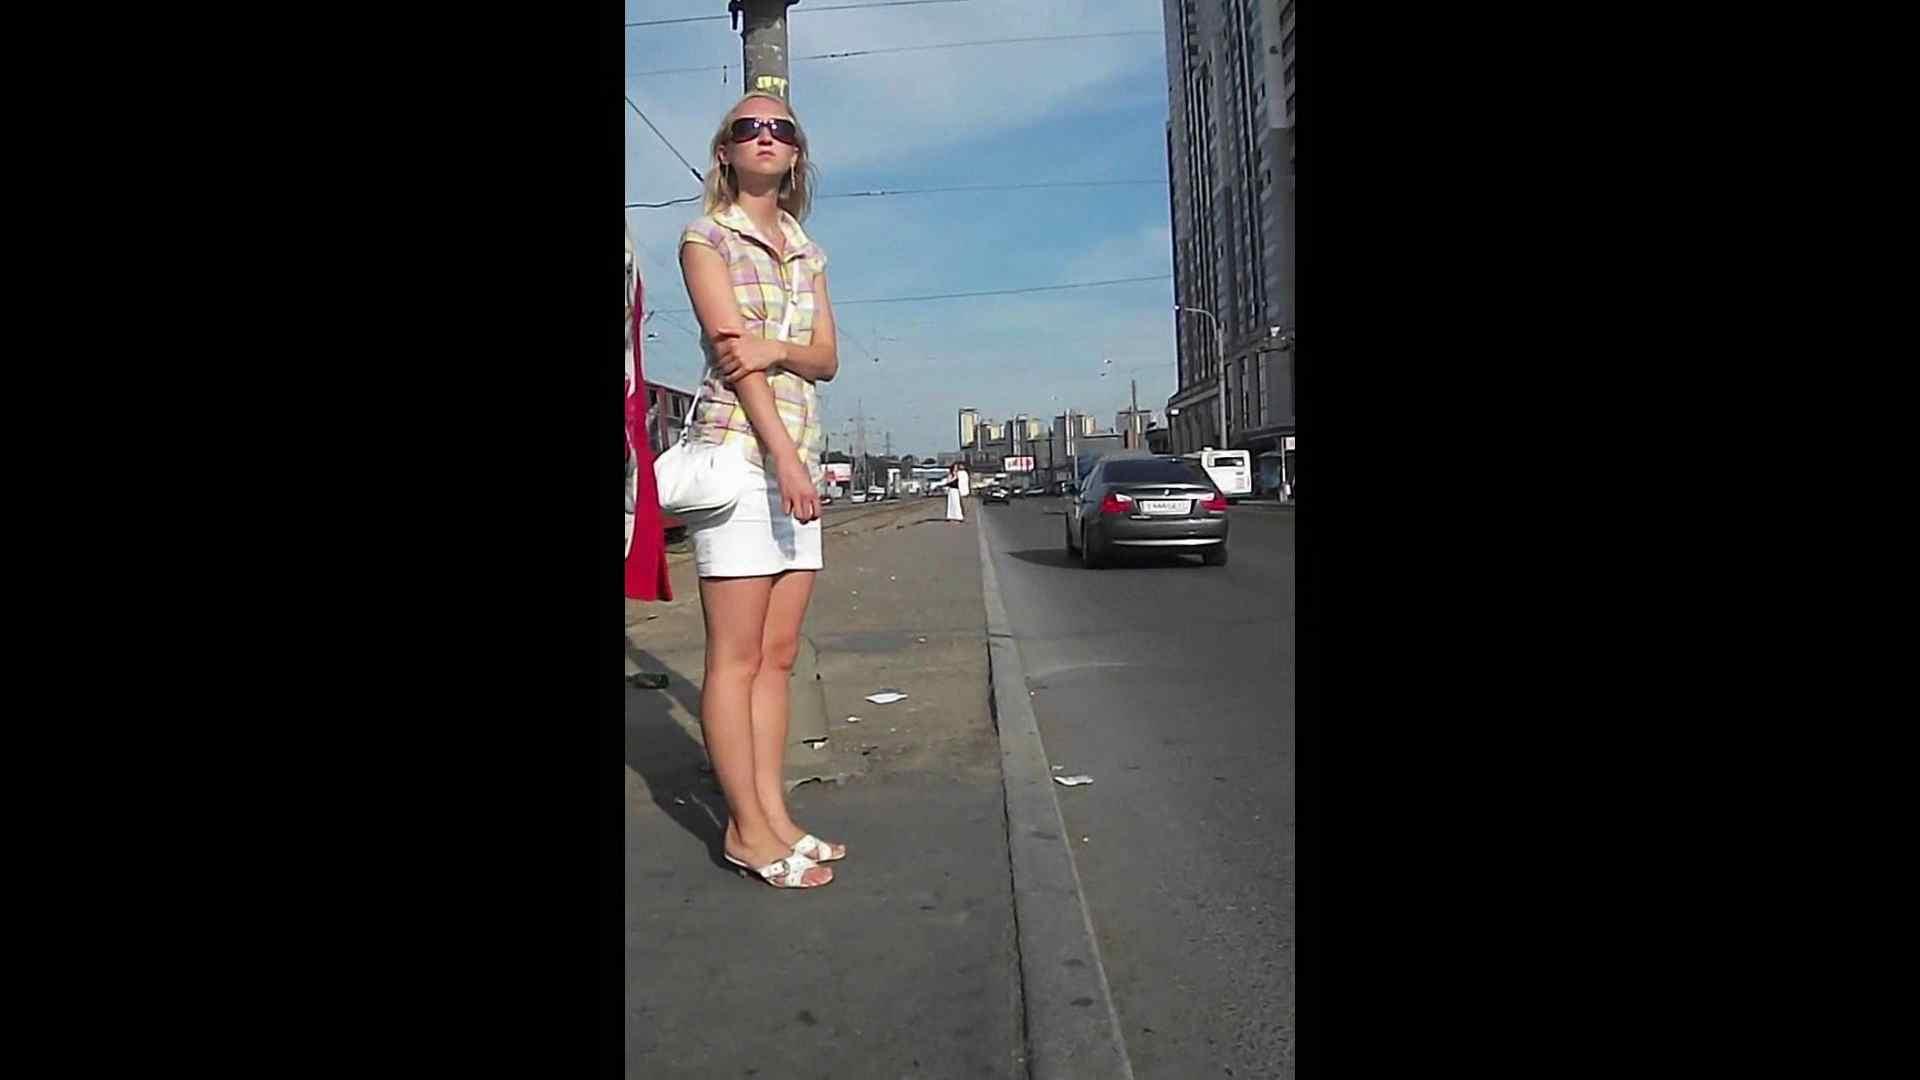 綺麗なモデルさんのスカート捲っちゃおう‼vol05 お姉さんのエロ動画  102PIX 6